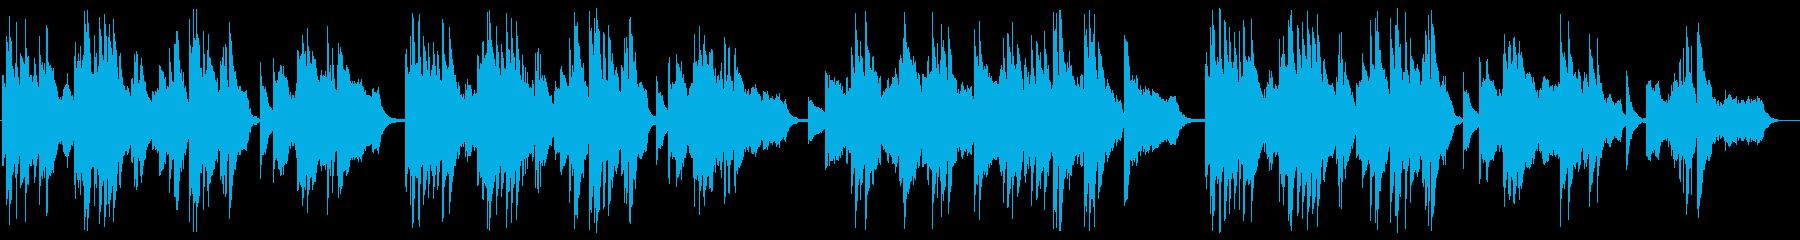 悲しめのジャズピアノの再生済みの波形